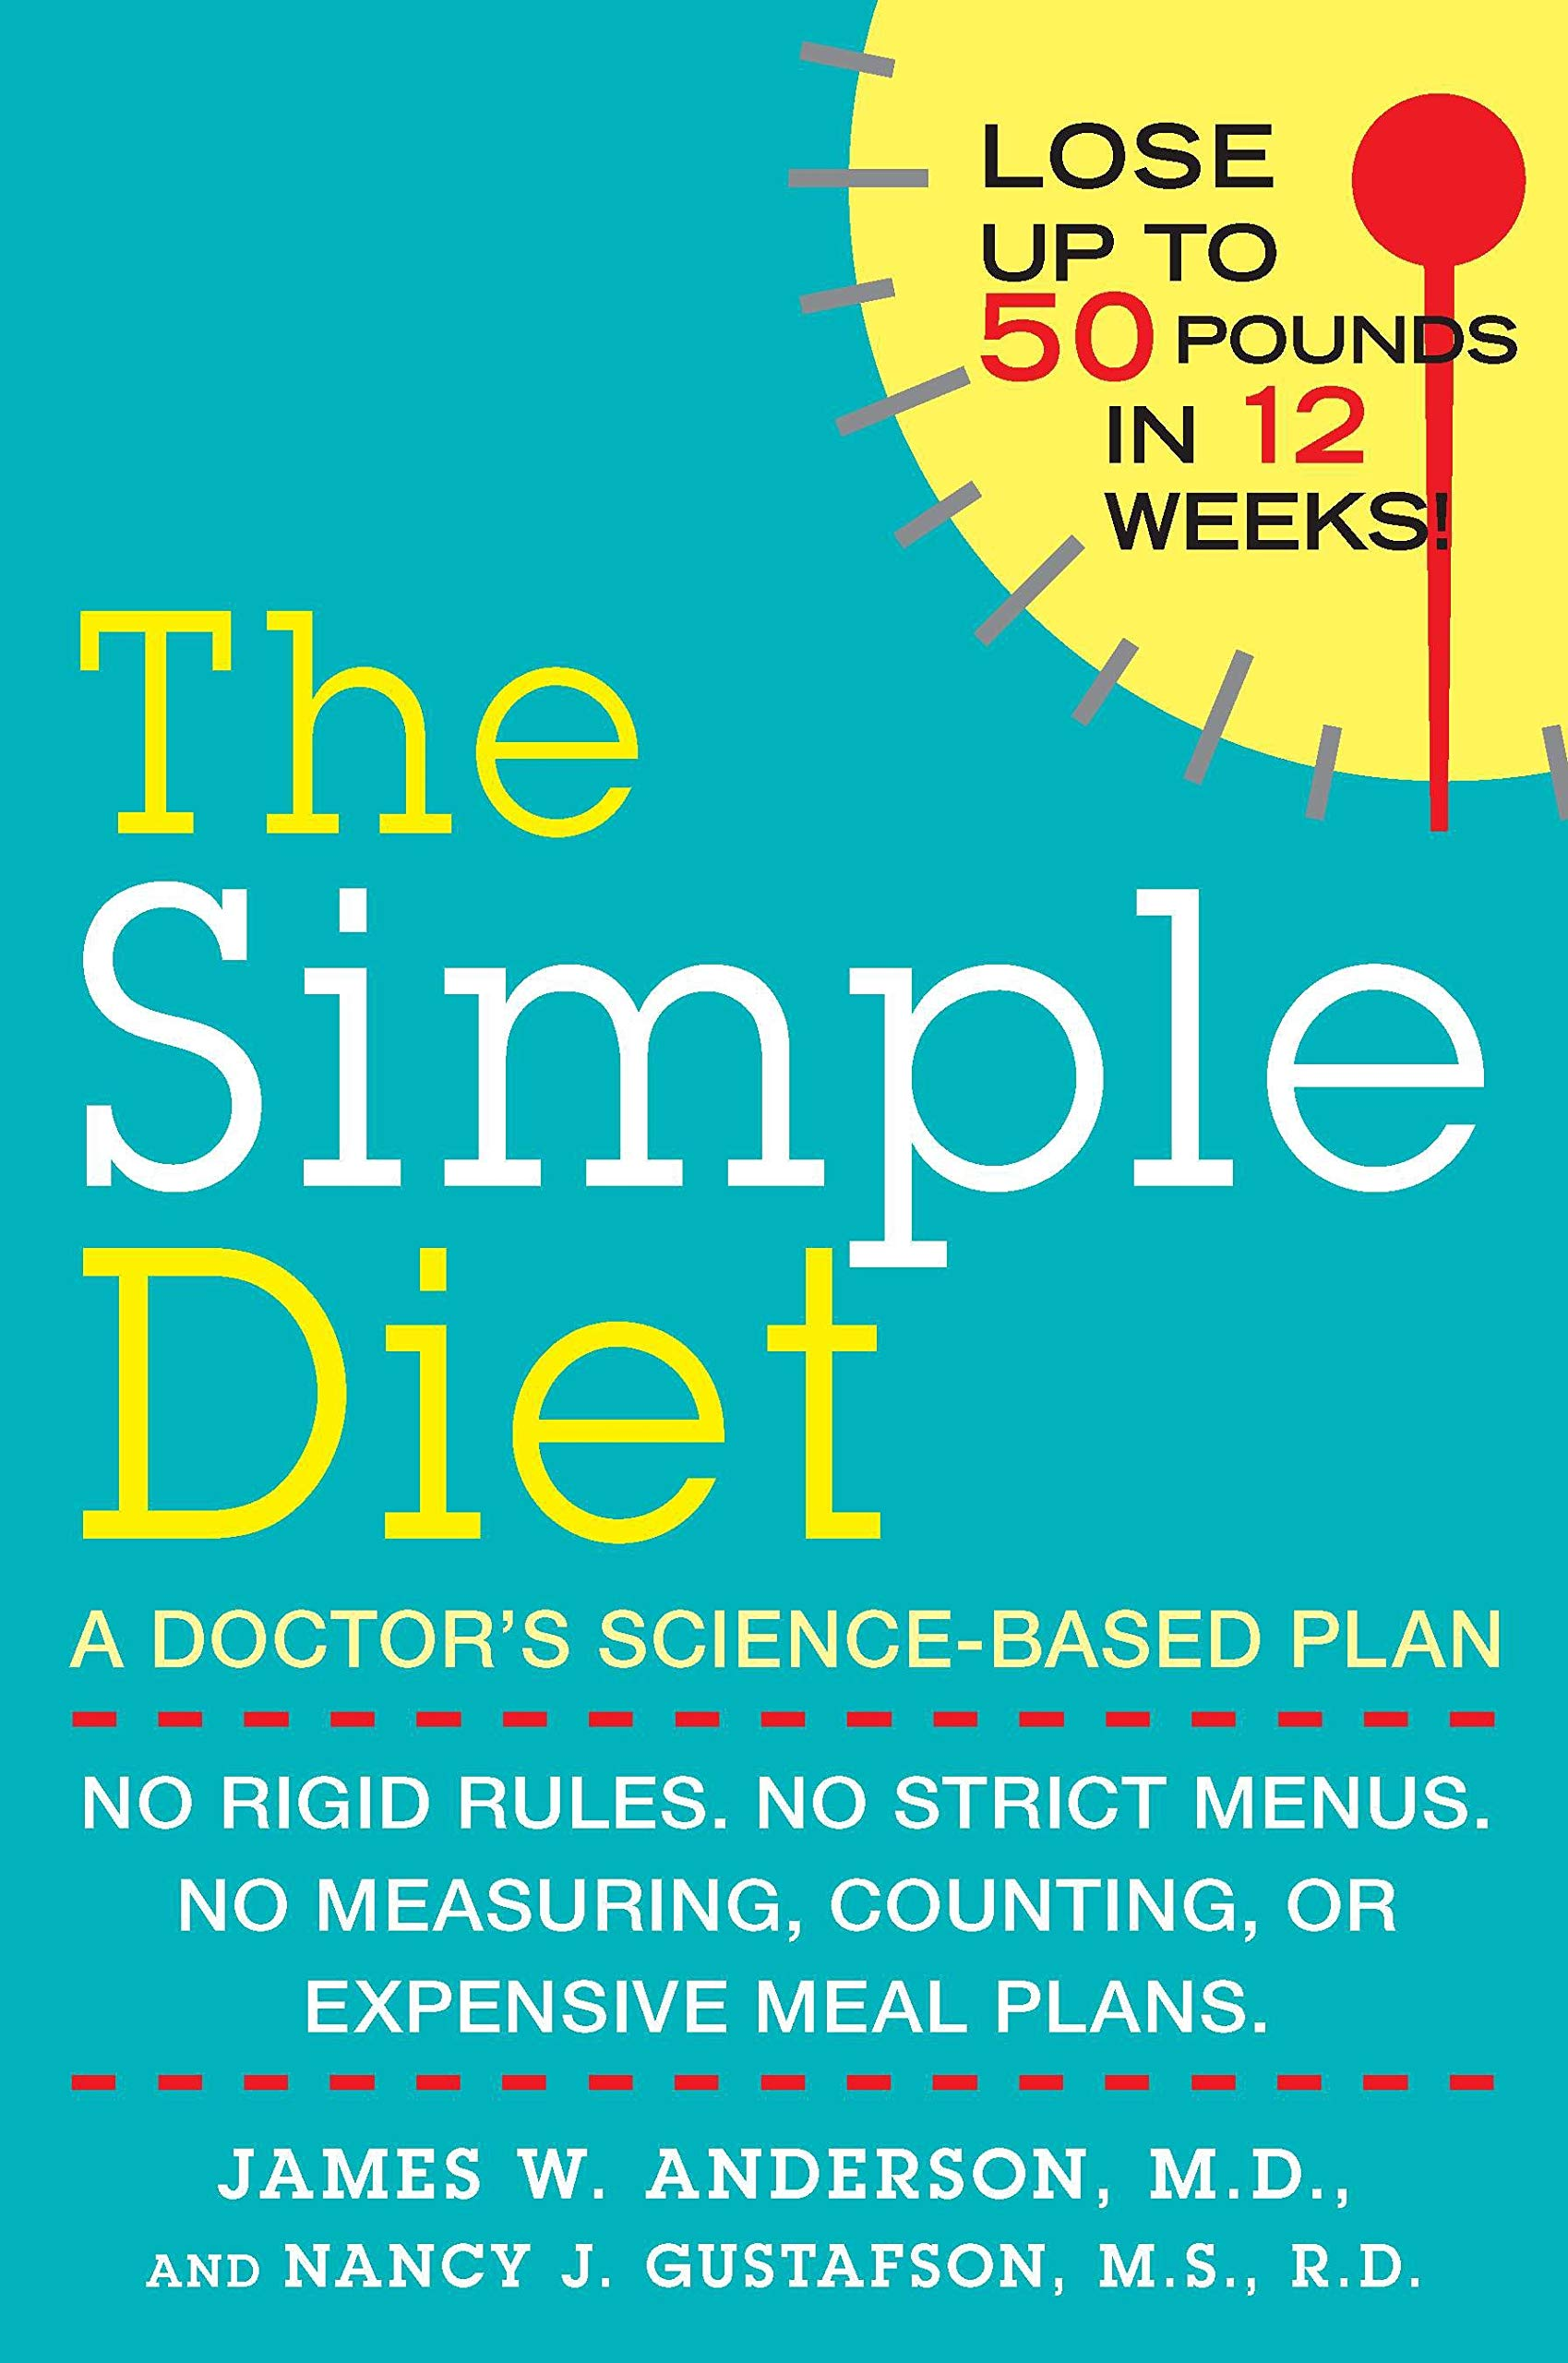 science based mens diet plan